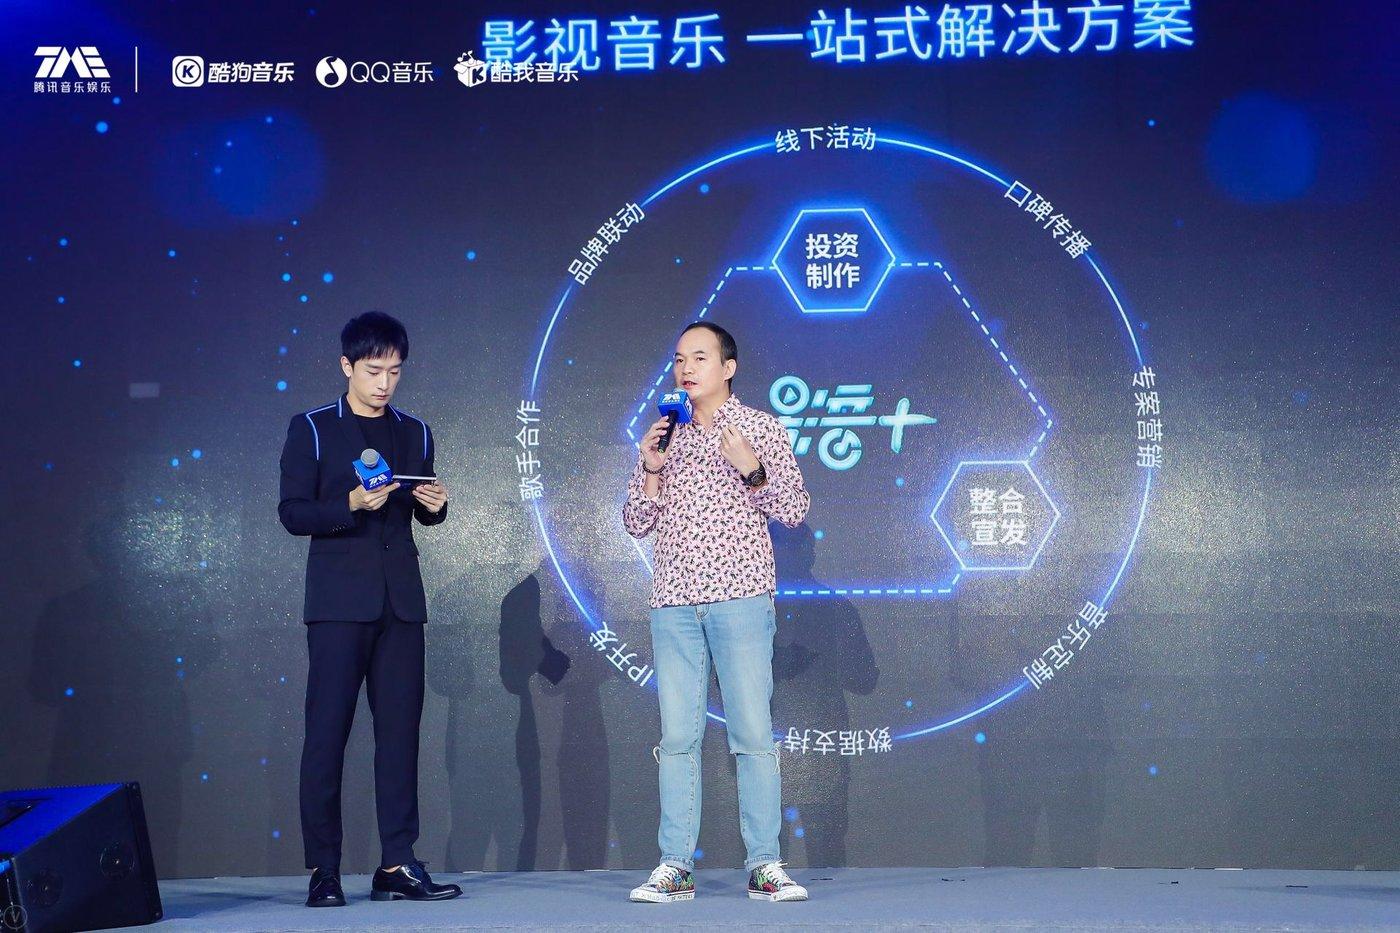 腾讯音乐娱乐集团副总裁吴伟林